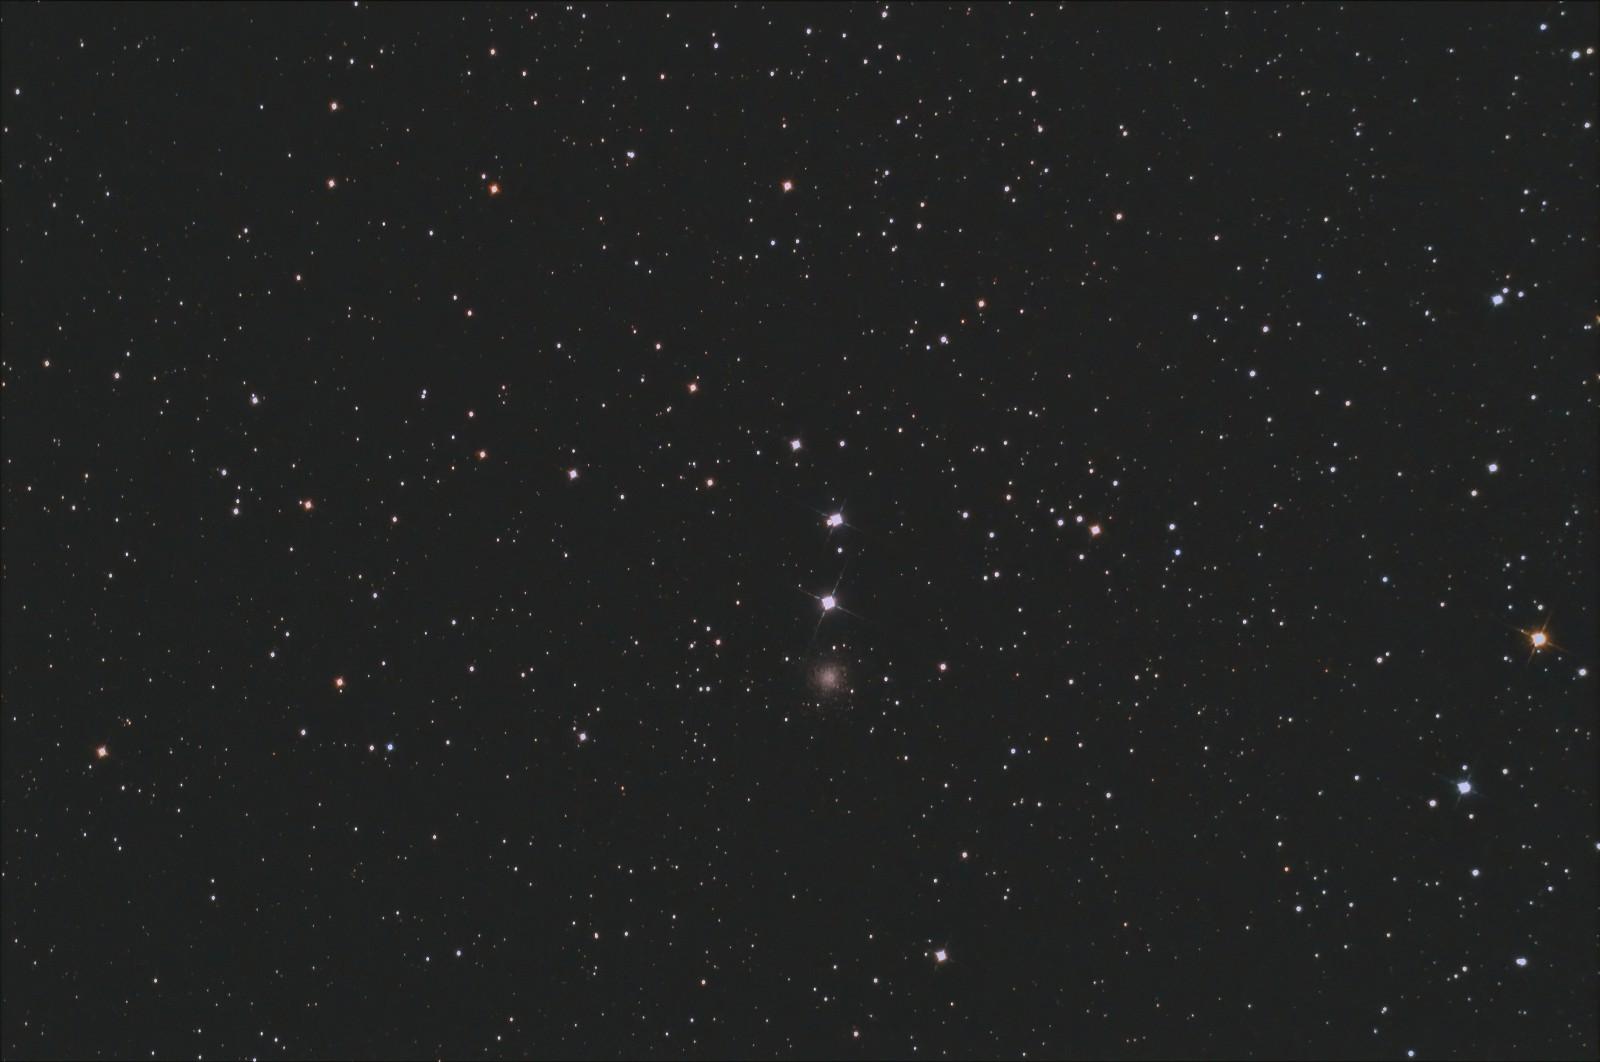 2419-161.jpg